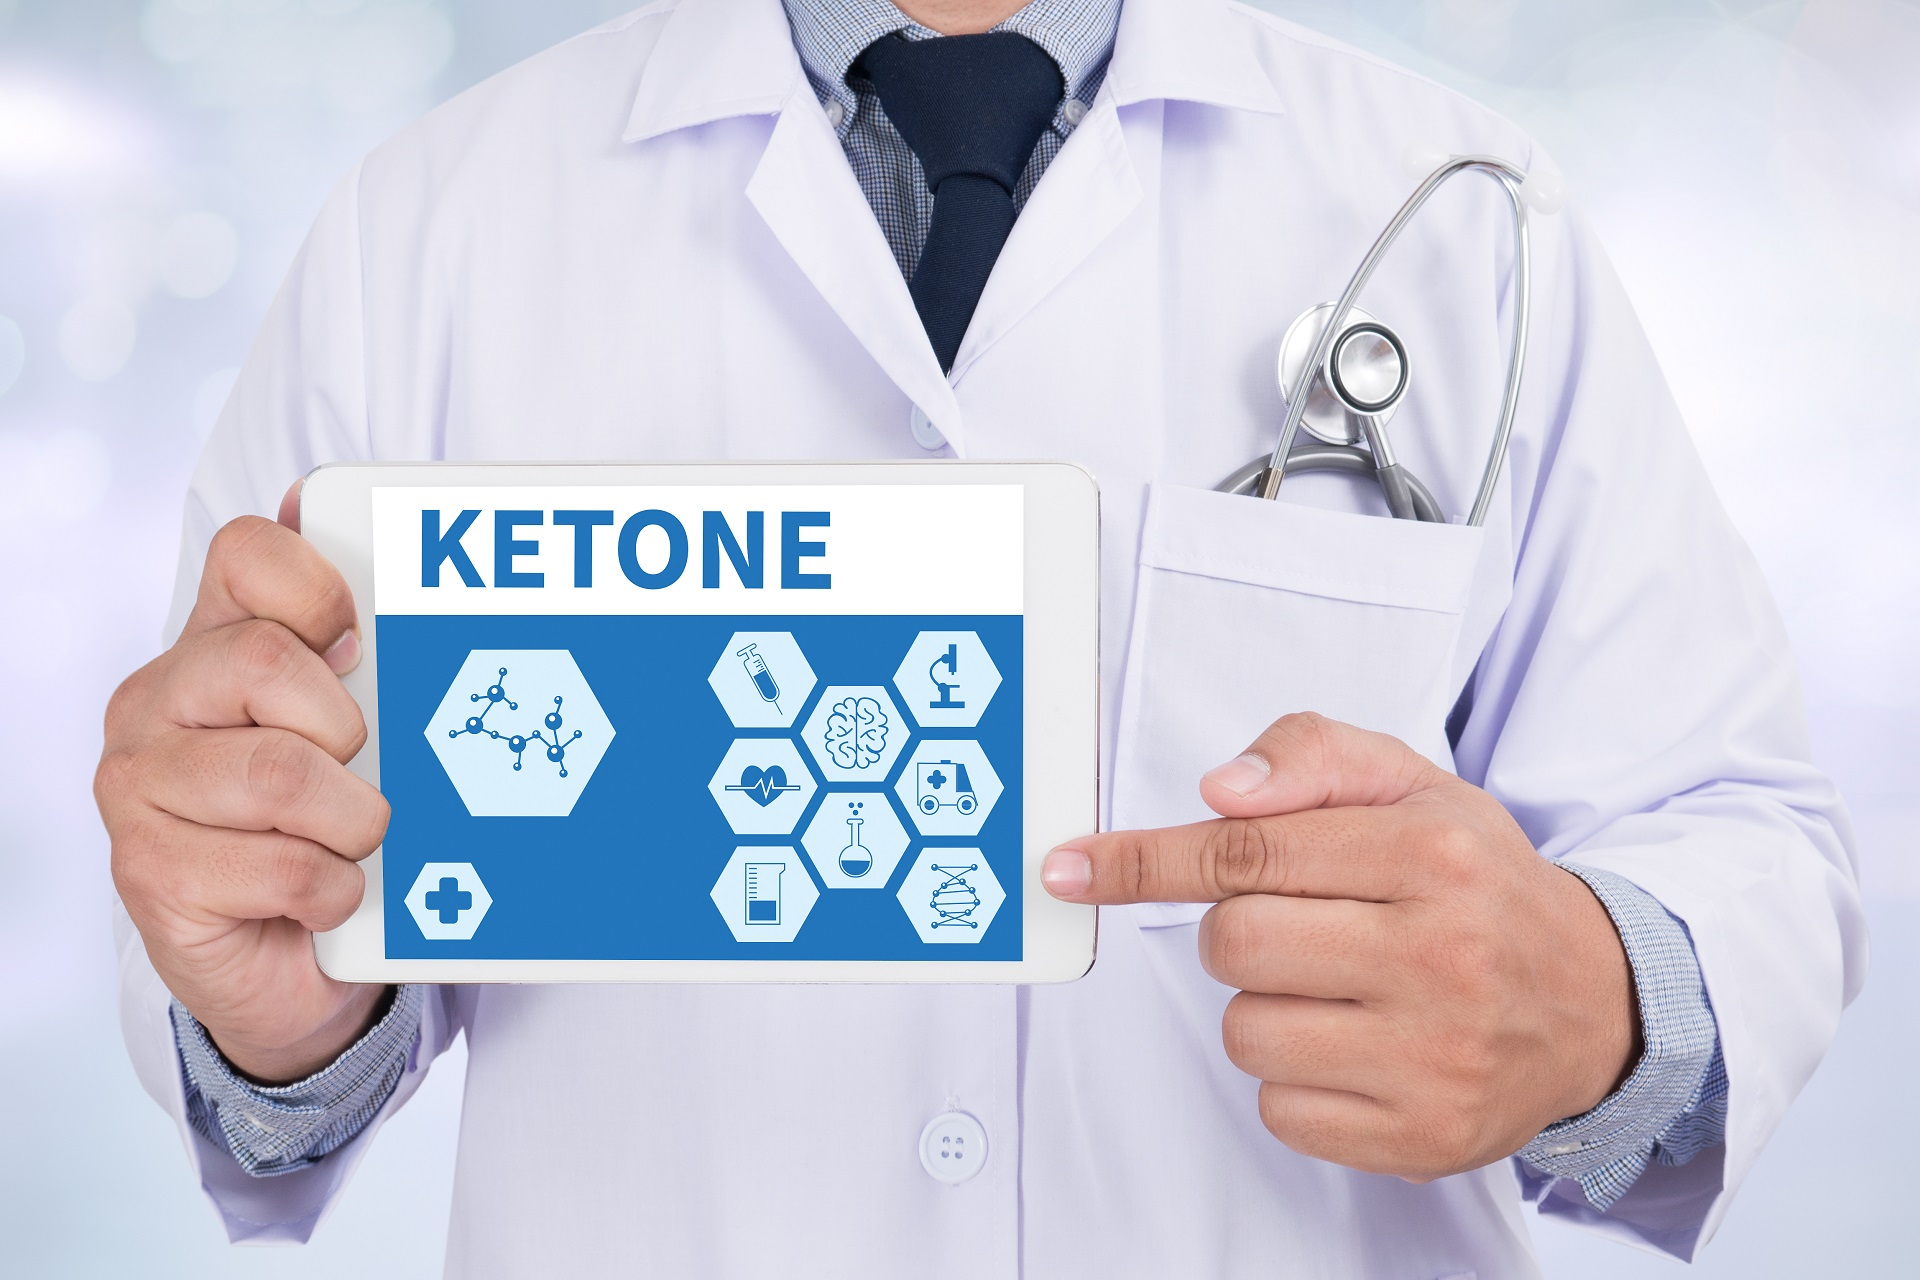 ketose_ketoazidose